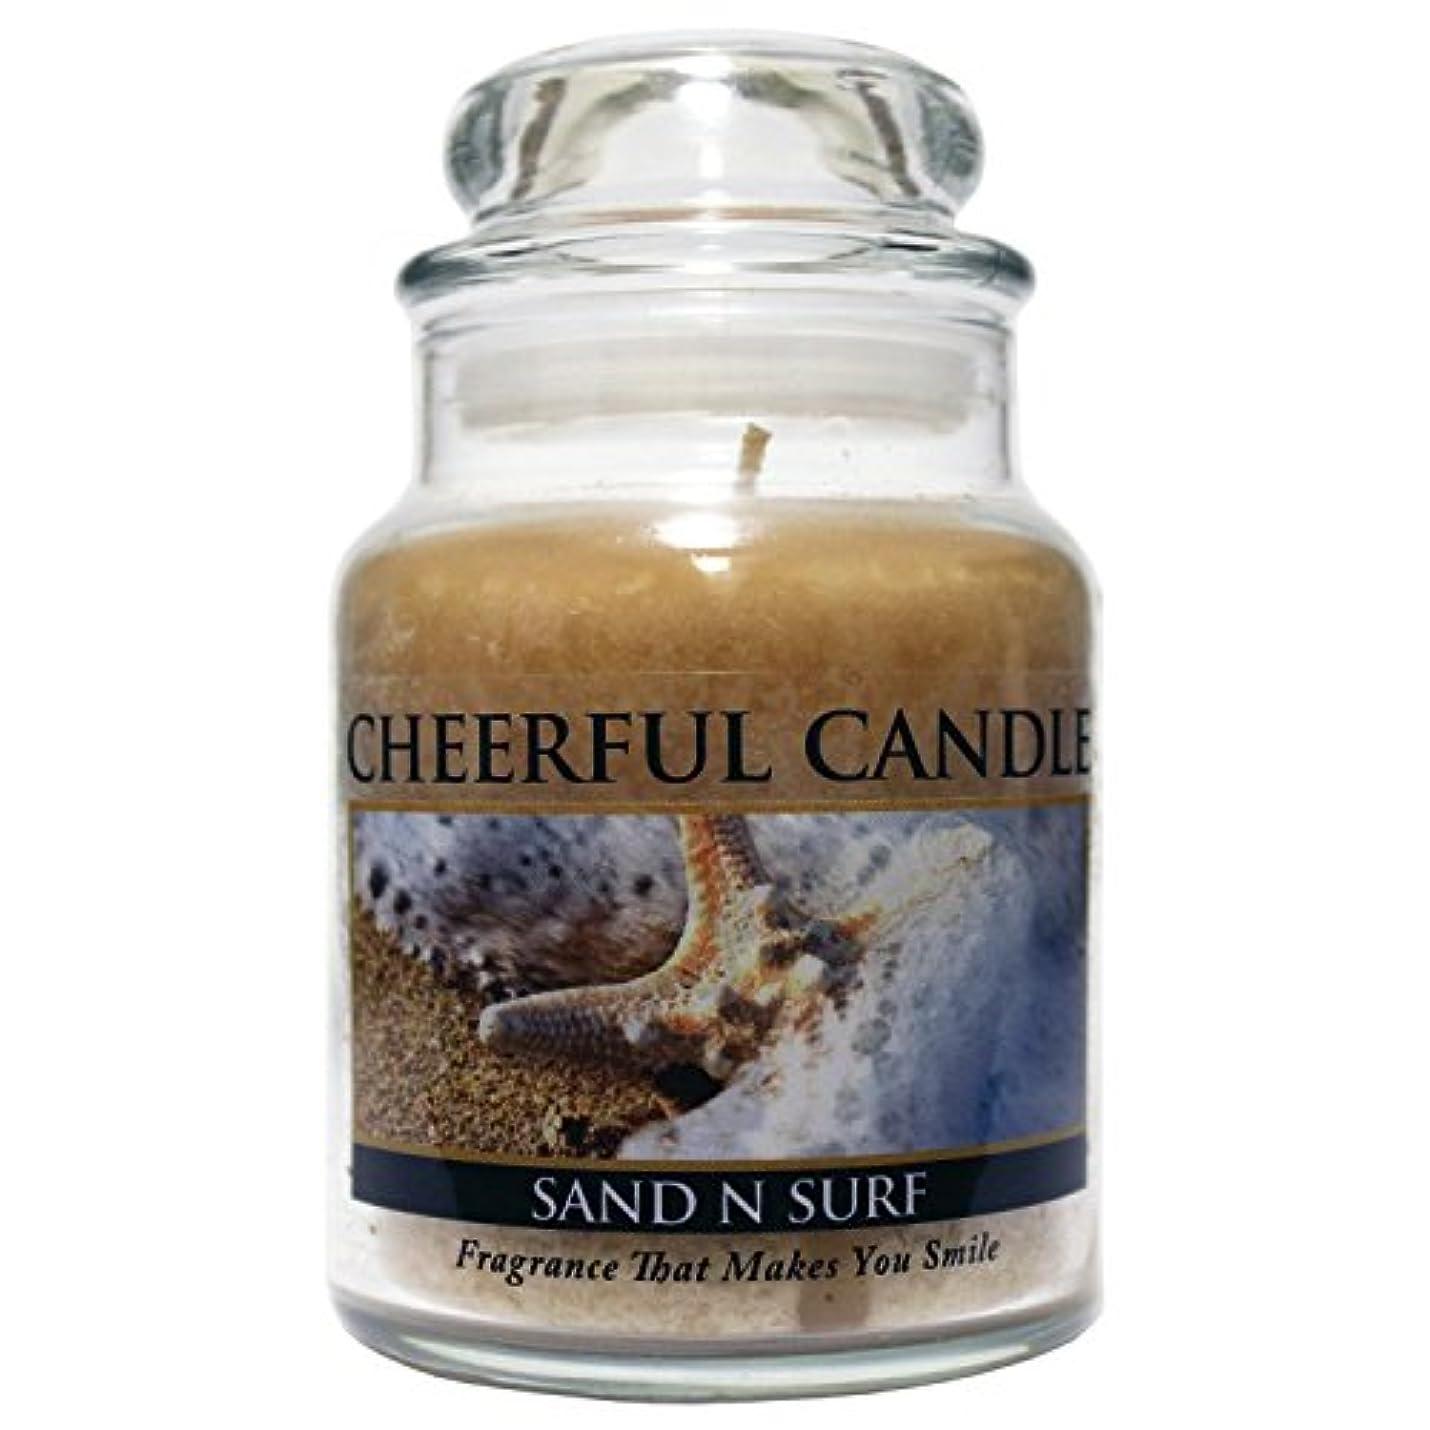 九月算術危険を冒しますA Cheerful Giver Sand 'n Surf Jar Candle, 6-Ounce [並行輸入品]